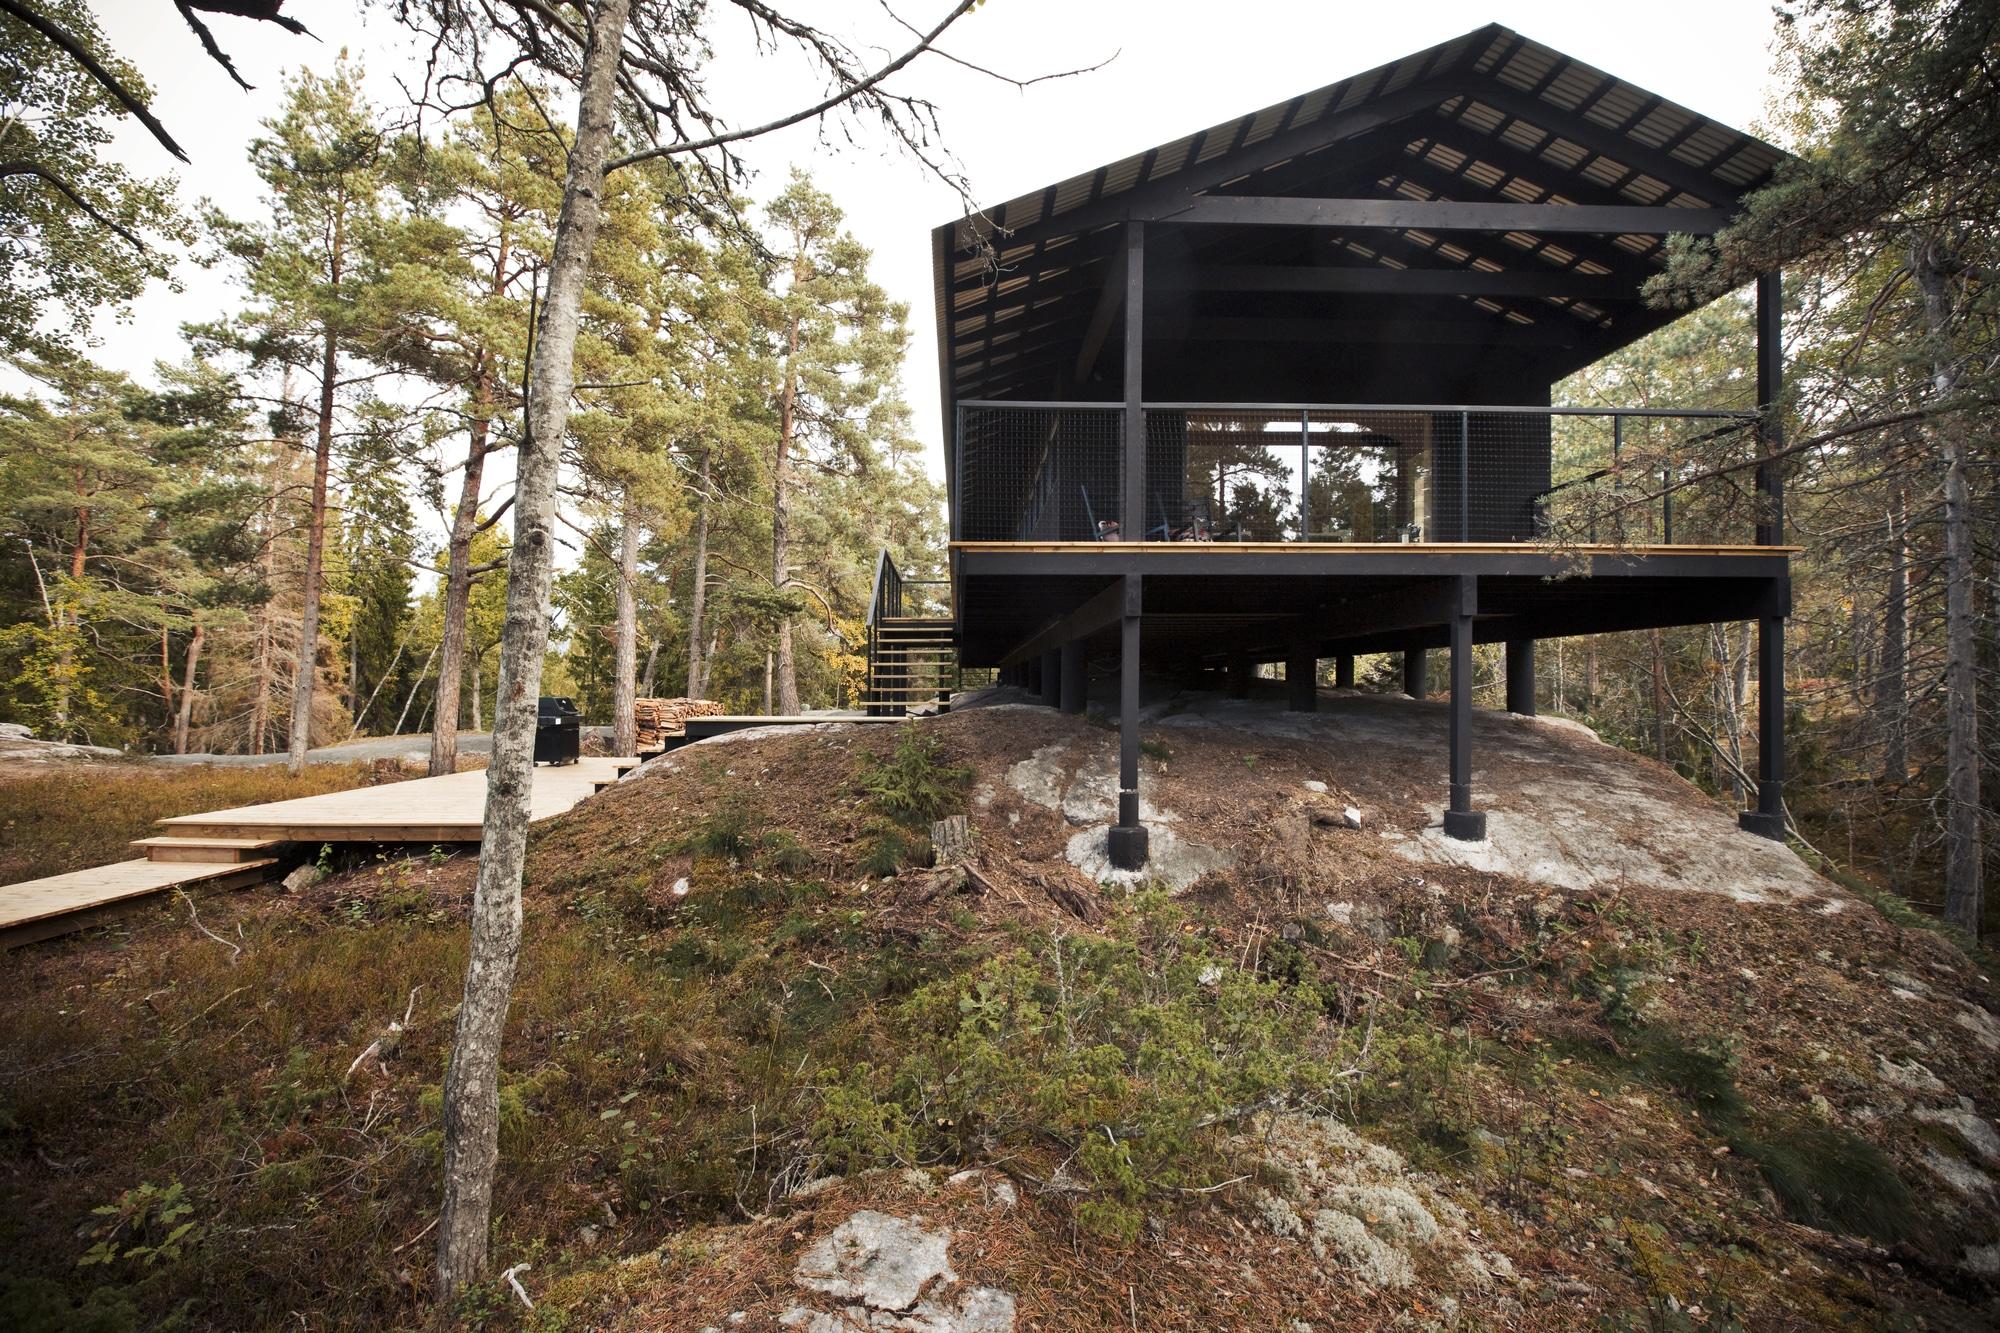 Dise o de casa peque a de madera fachada planos for Sobretechos para casas